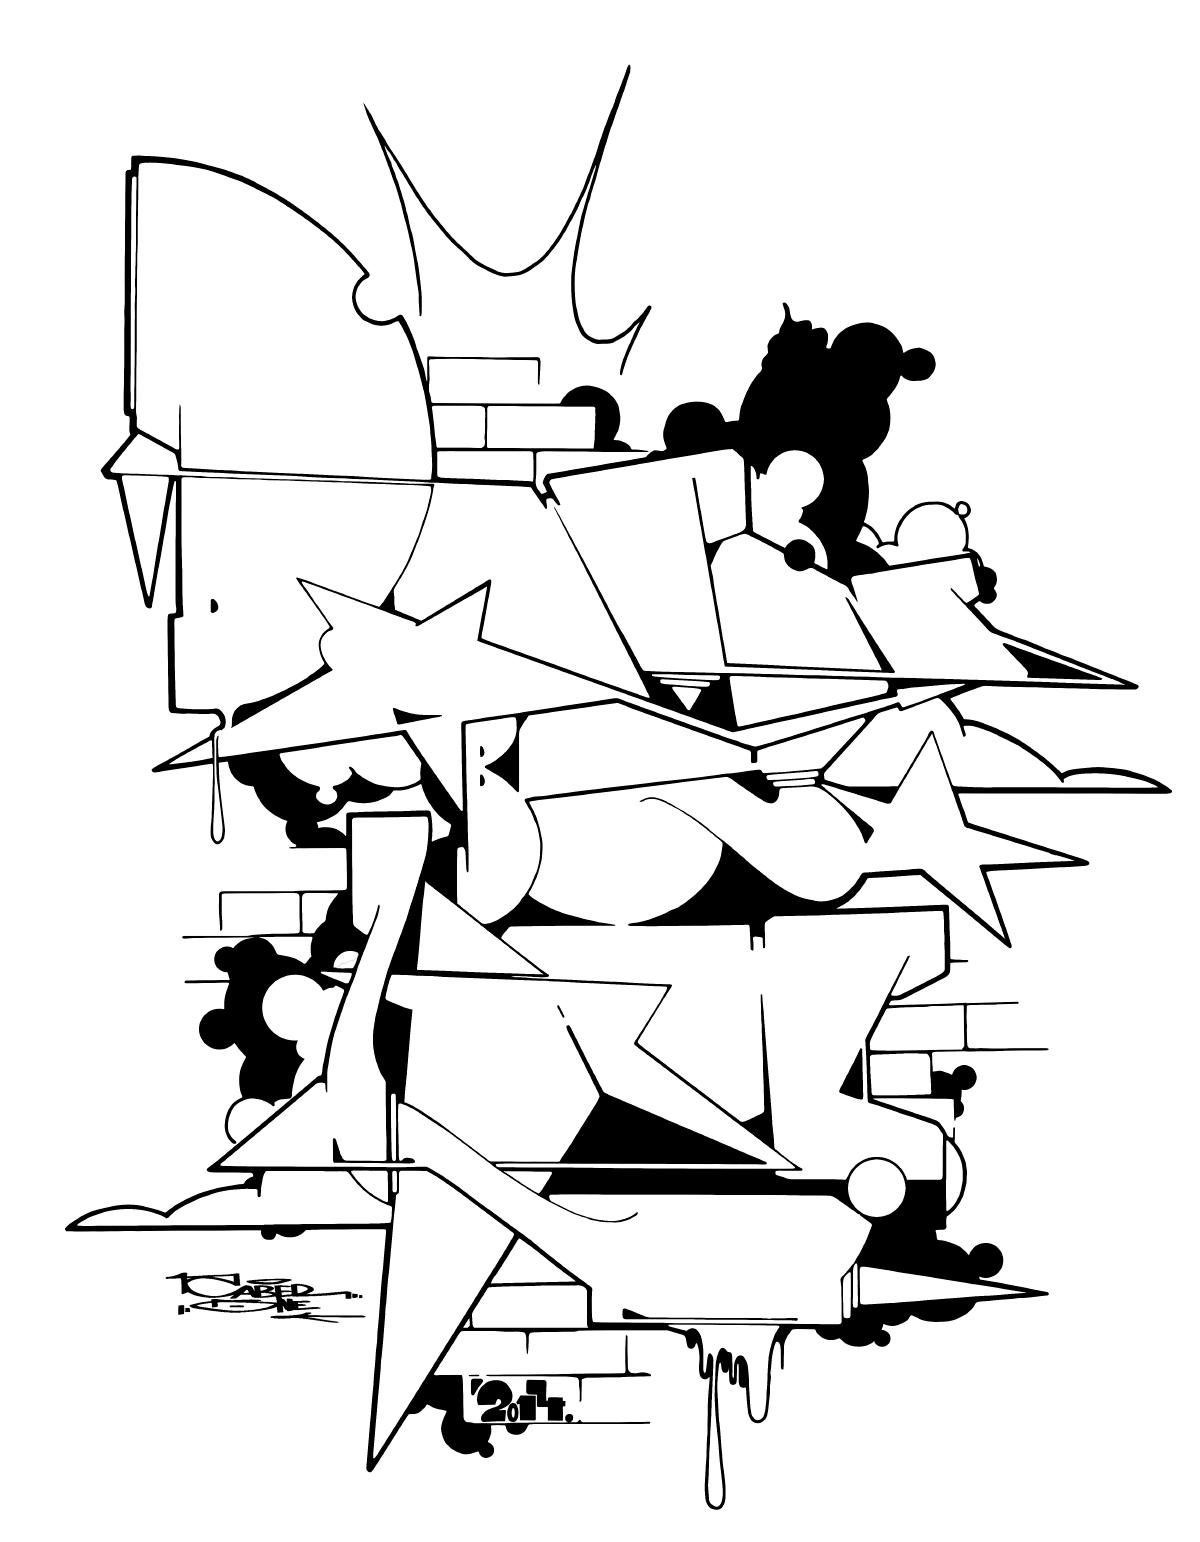 downbylaw_graffiti_caber_tshirt_blackbook2